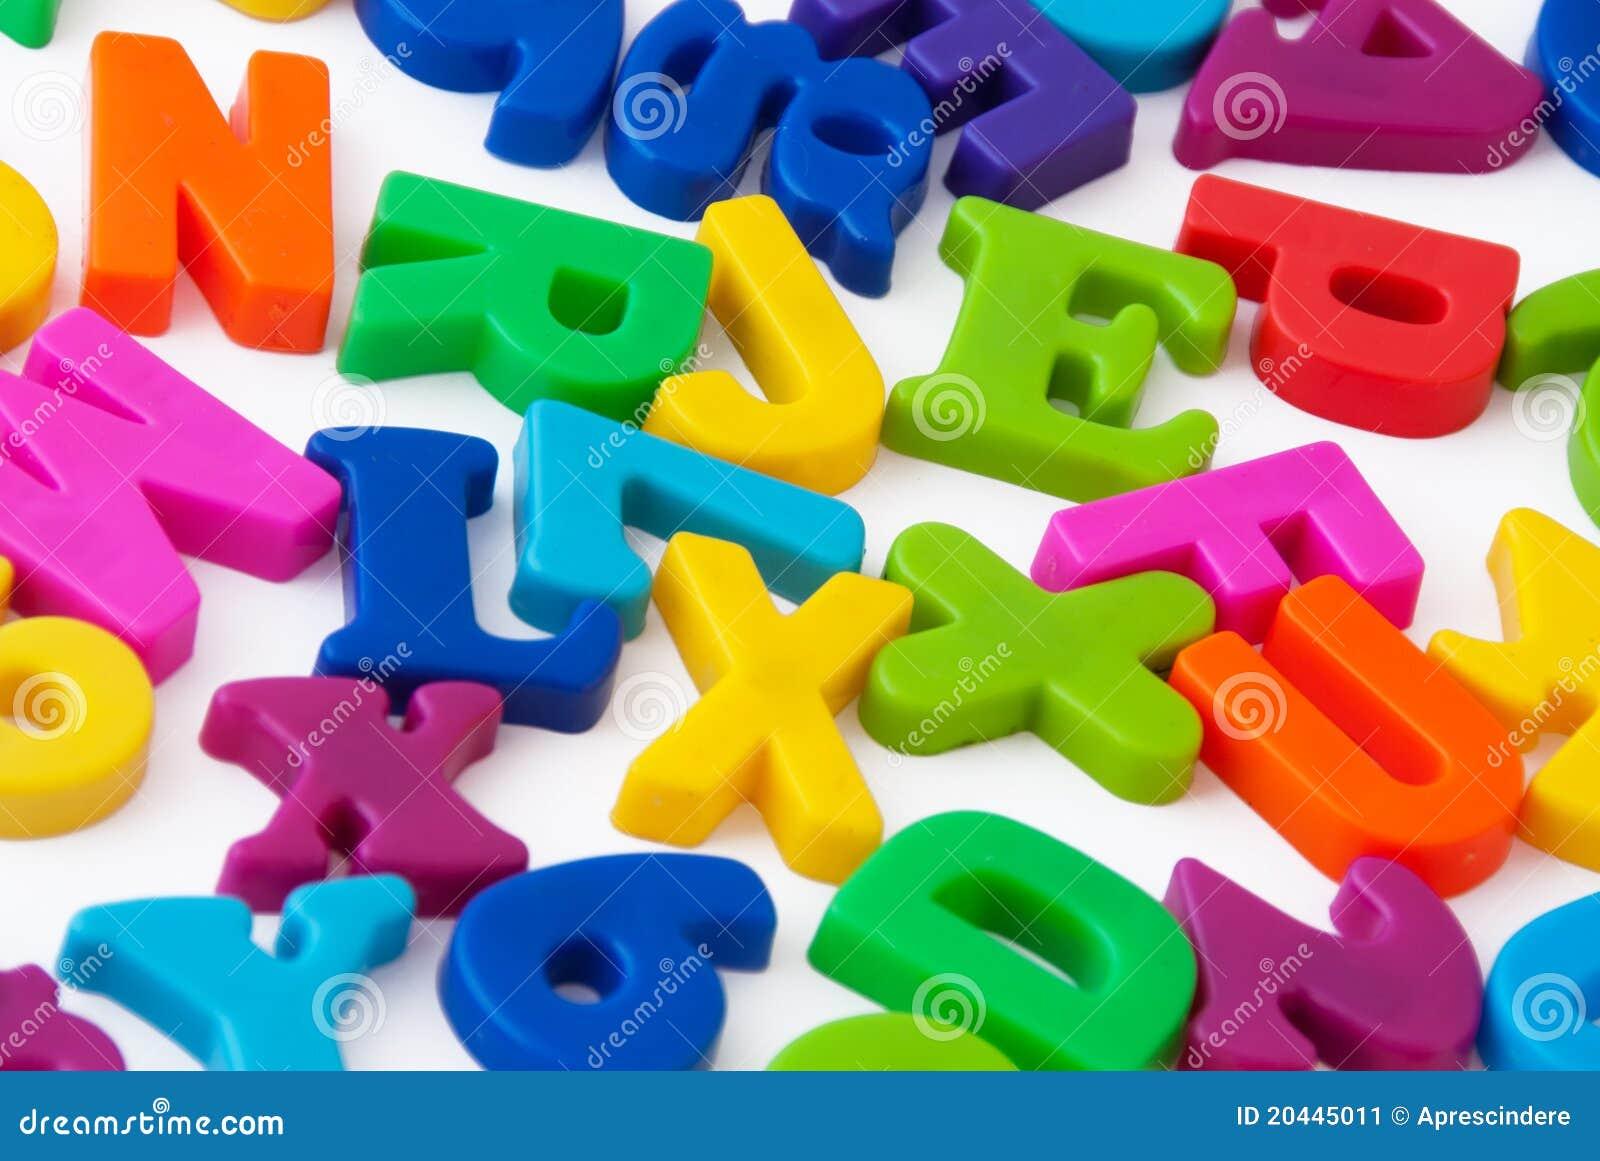 Lettere magnetiche di alfabeto